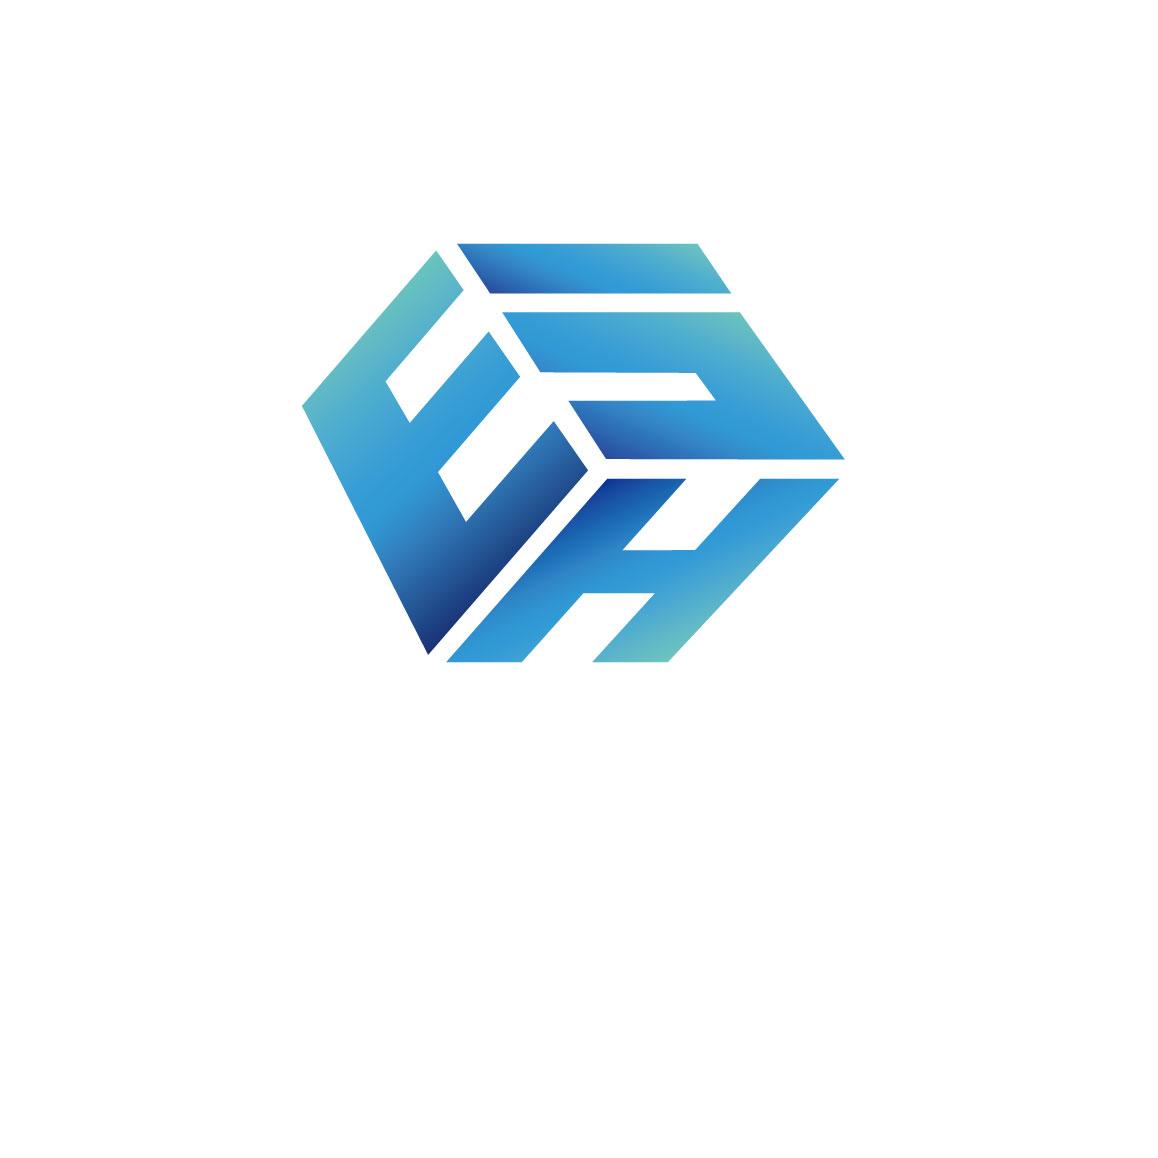 logo logo 标志 设计 矢量 矢量图 素材 图标 1158_1158